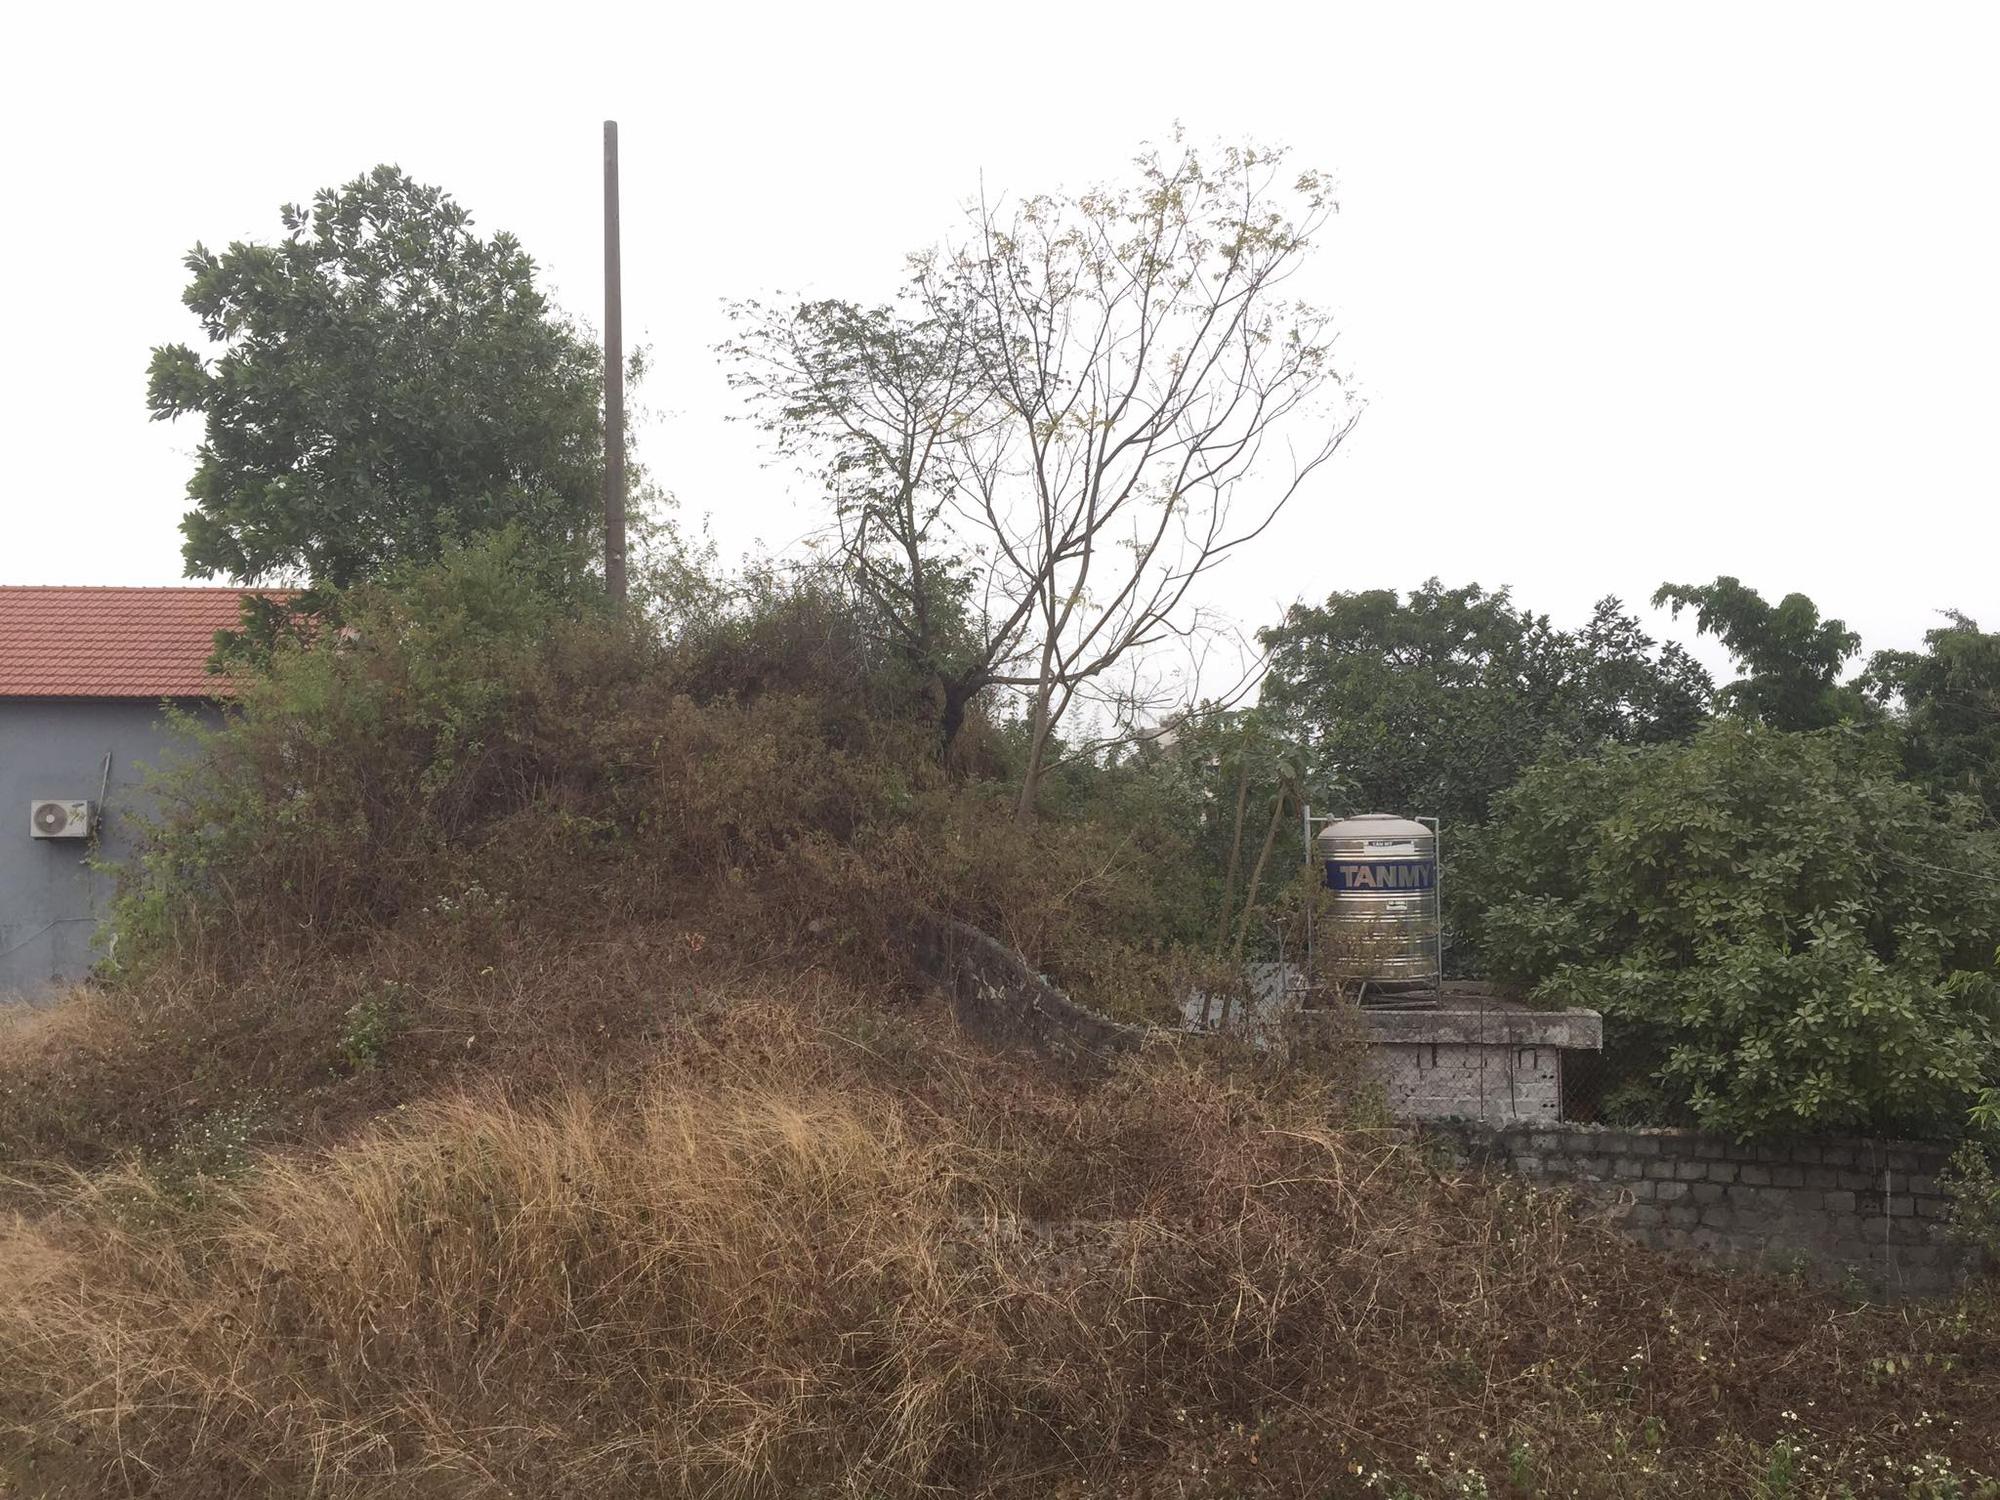 """Ninh Bình: """"Hô biến"""" diện tích đất đồi dưới hành lang lưới điện cấp trái quy định 4 sổ đỏ cho dân - Ảnh 3."""